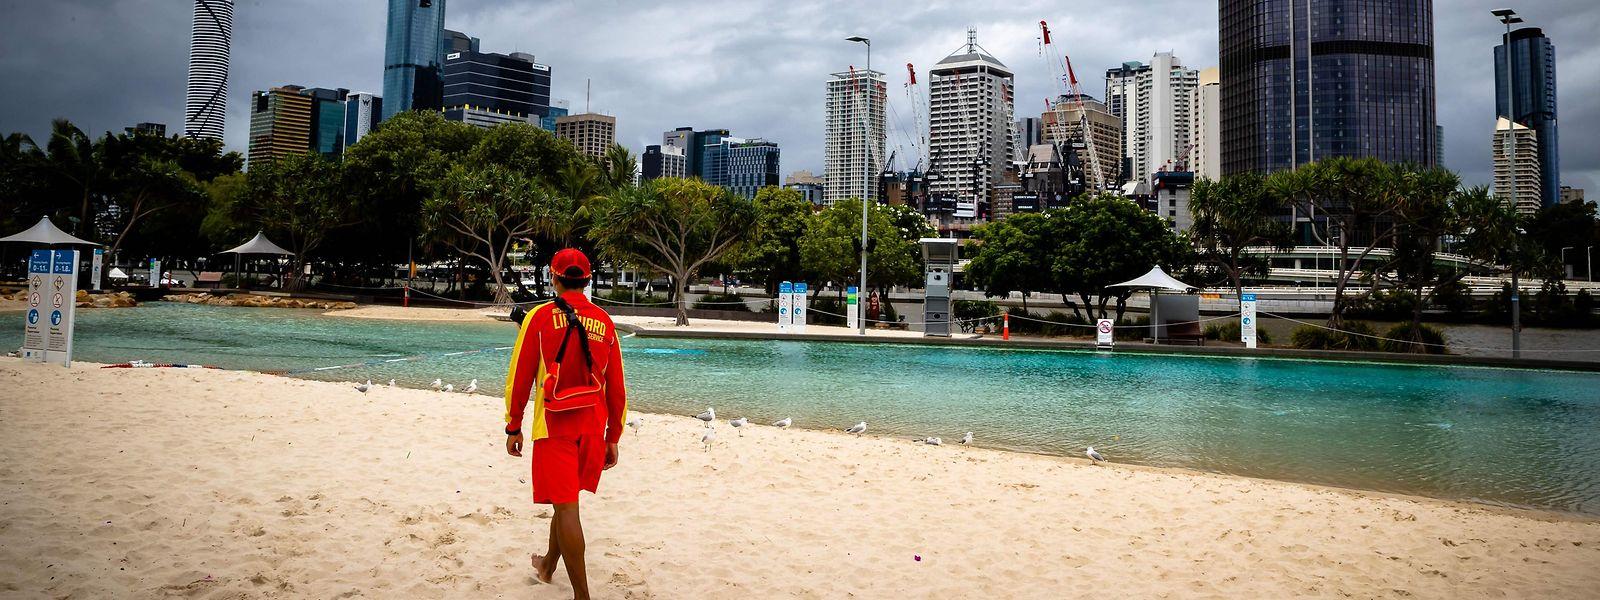 """Nadador-salvador numa praia deserta em Brisbane, que decretou novo lockdown nos últimos dias. Todo o país está em alerta """"muito elevado"""" para as novas variantes e mais contagiosas da covid-19."""